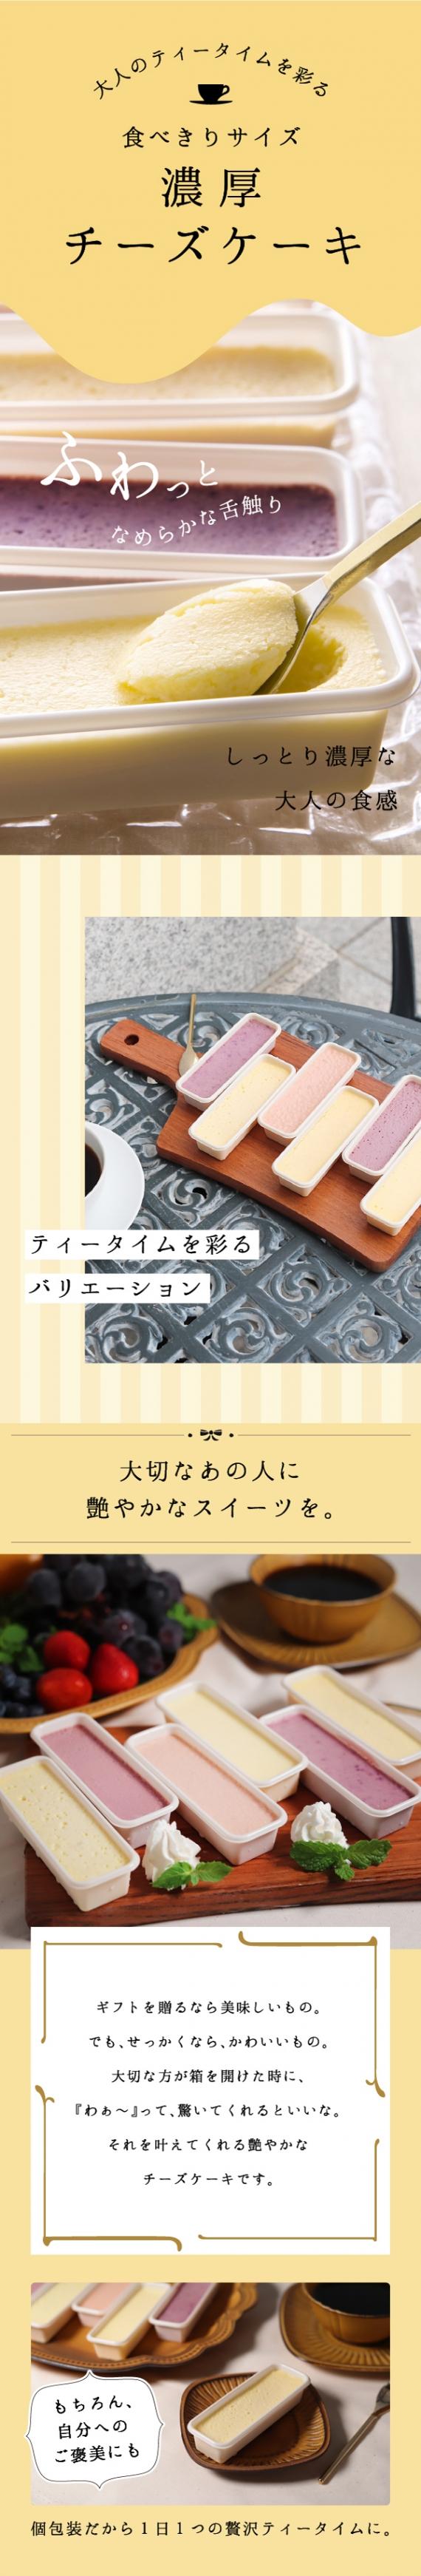 【カスターニャ】フルーツチーズケーキ8種【母の日2021】【スイーツ・和菓子】